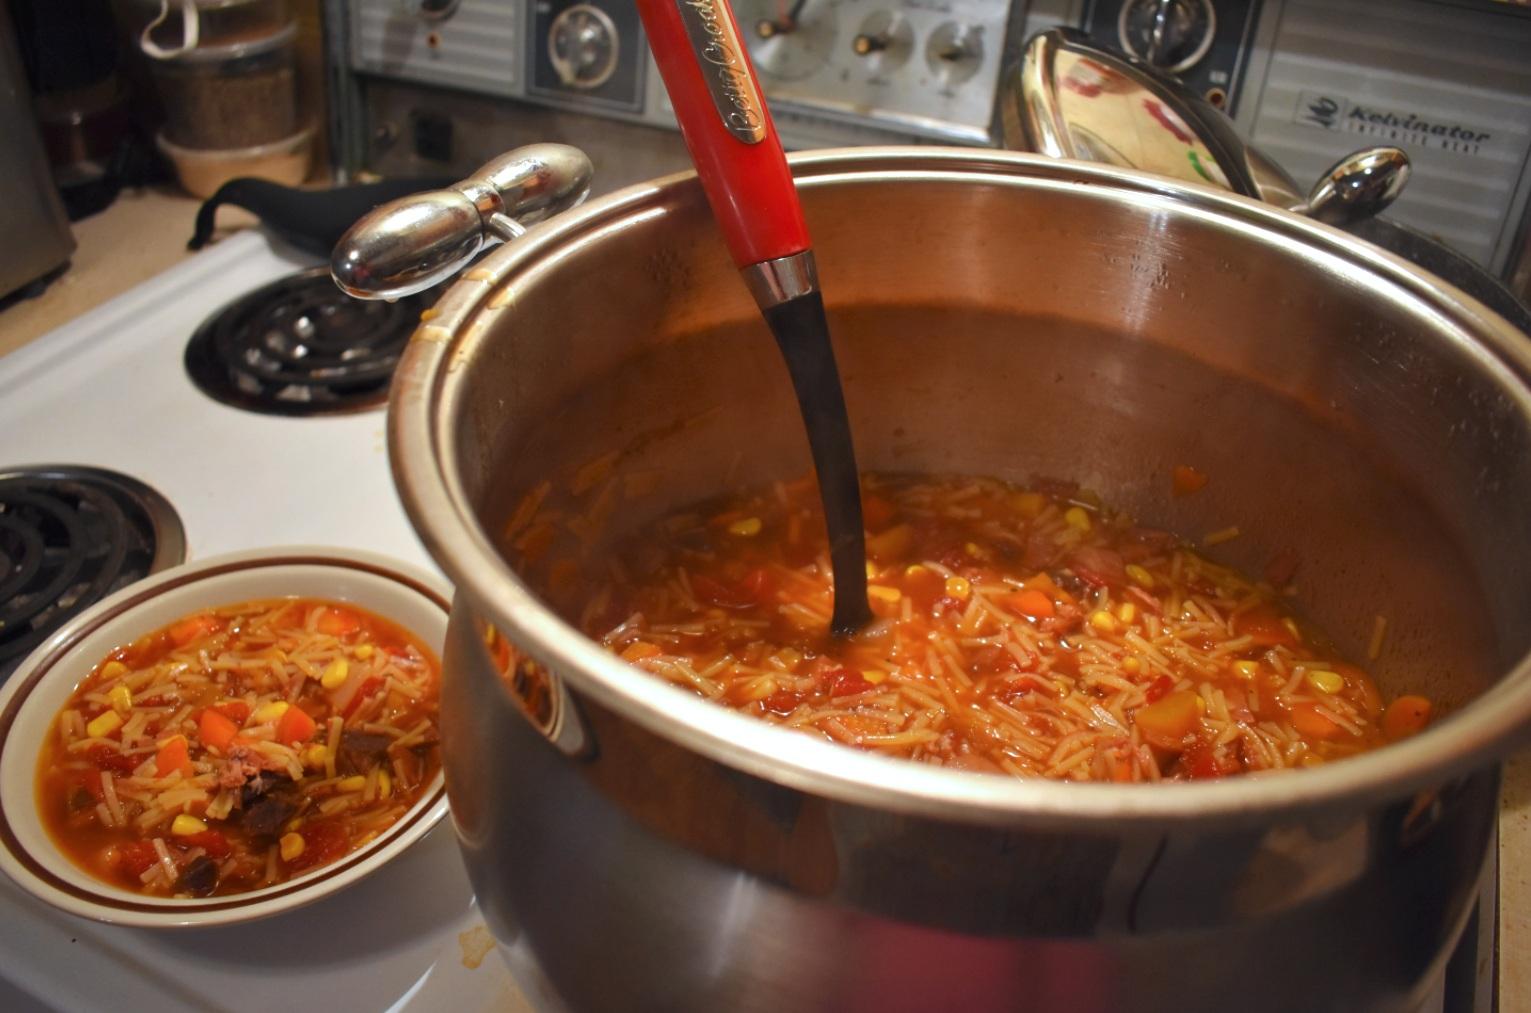 Soupe aux légumes au jambon - Auboutdelalangue.com (10)